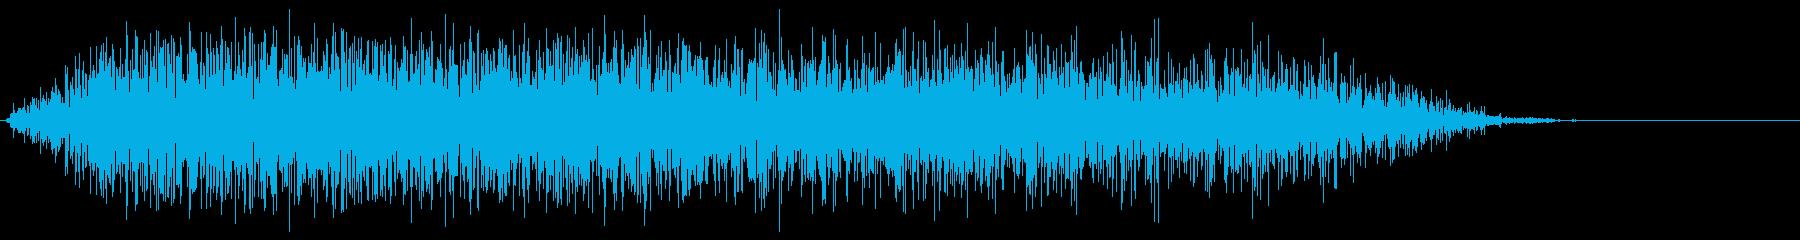 モンスター 威嚇 01の再生済みの波形